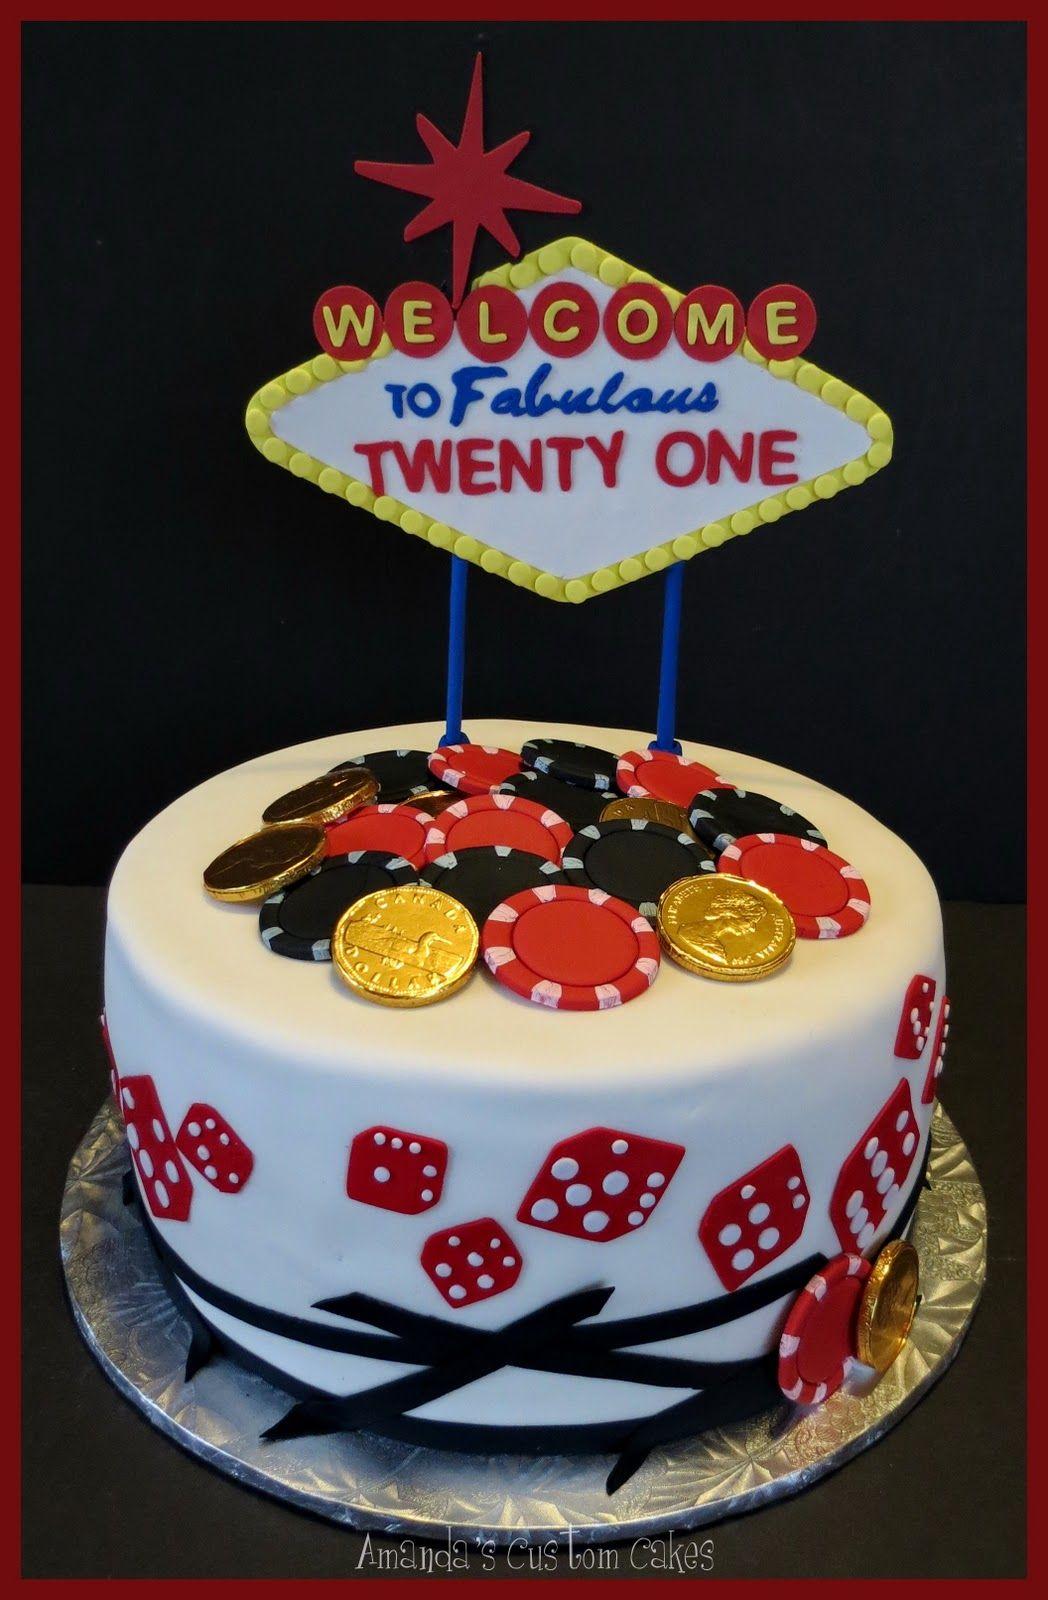 Amandas Custom Cakes Las Vegas Cake cakepinscom Cake decorating